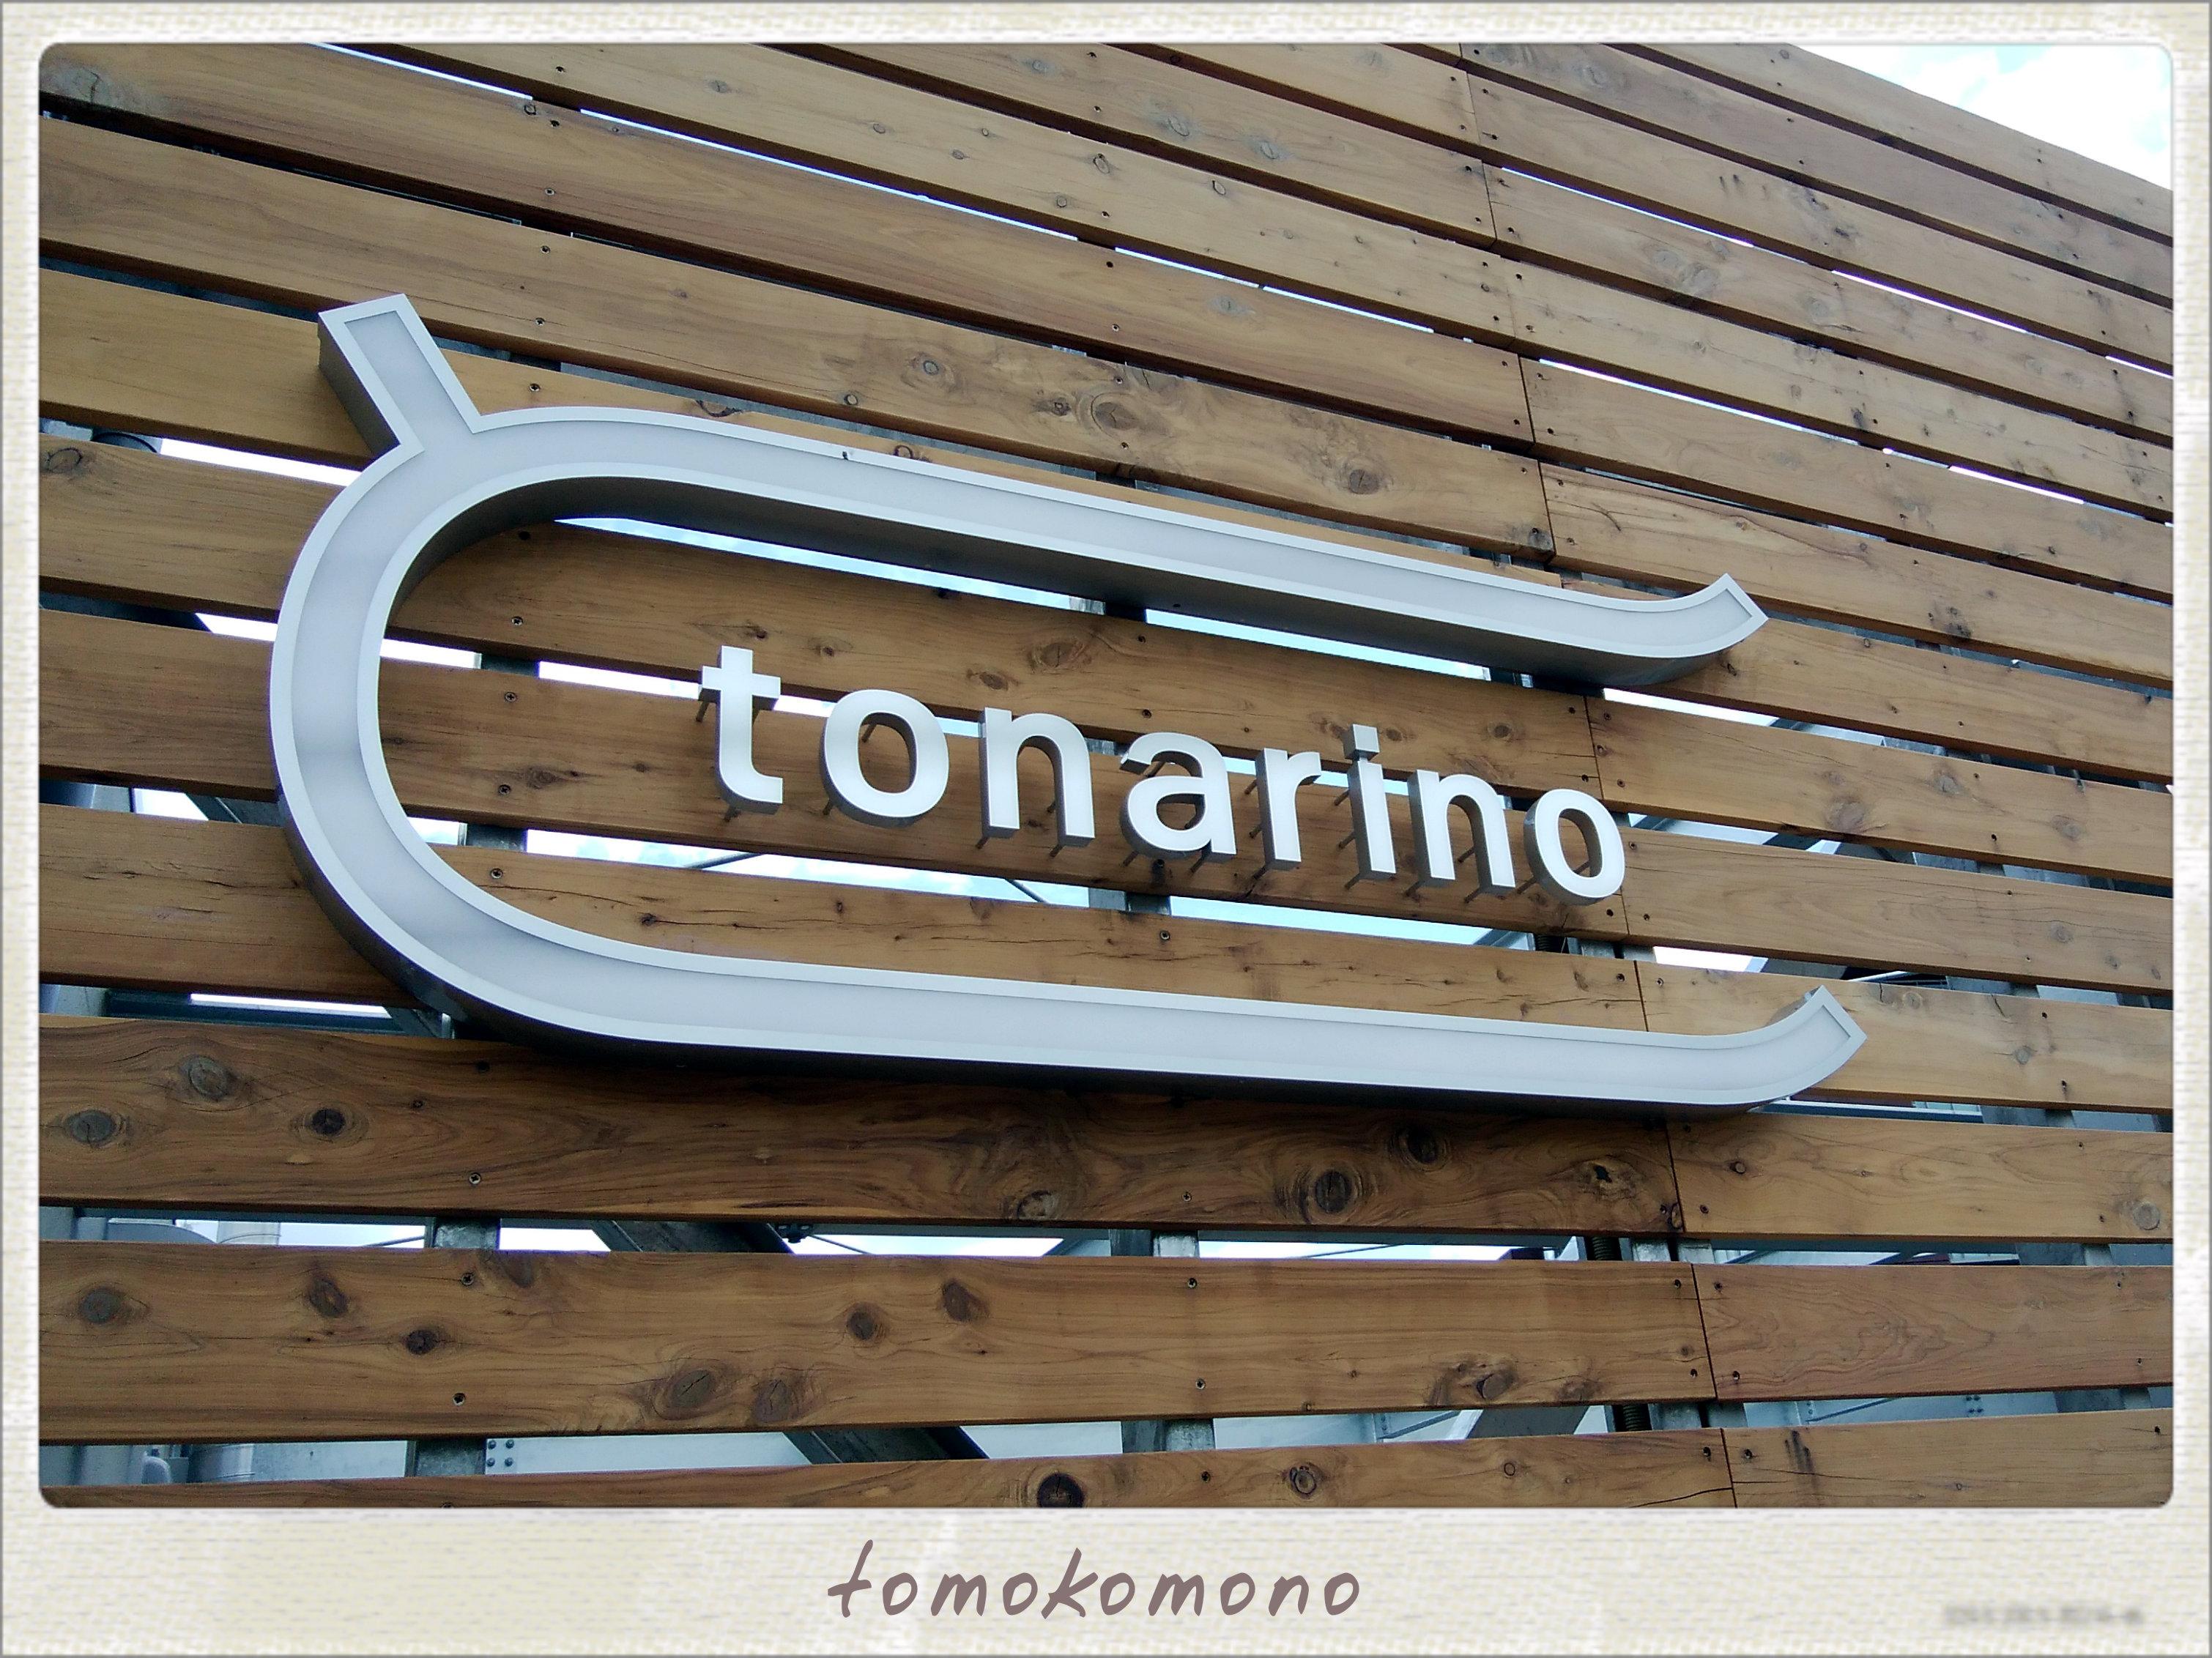 噂の新施設「tonarino」に行ってみました!